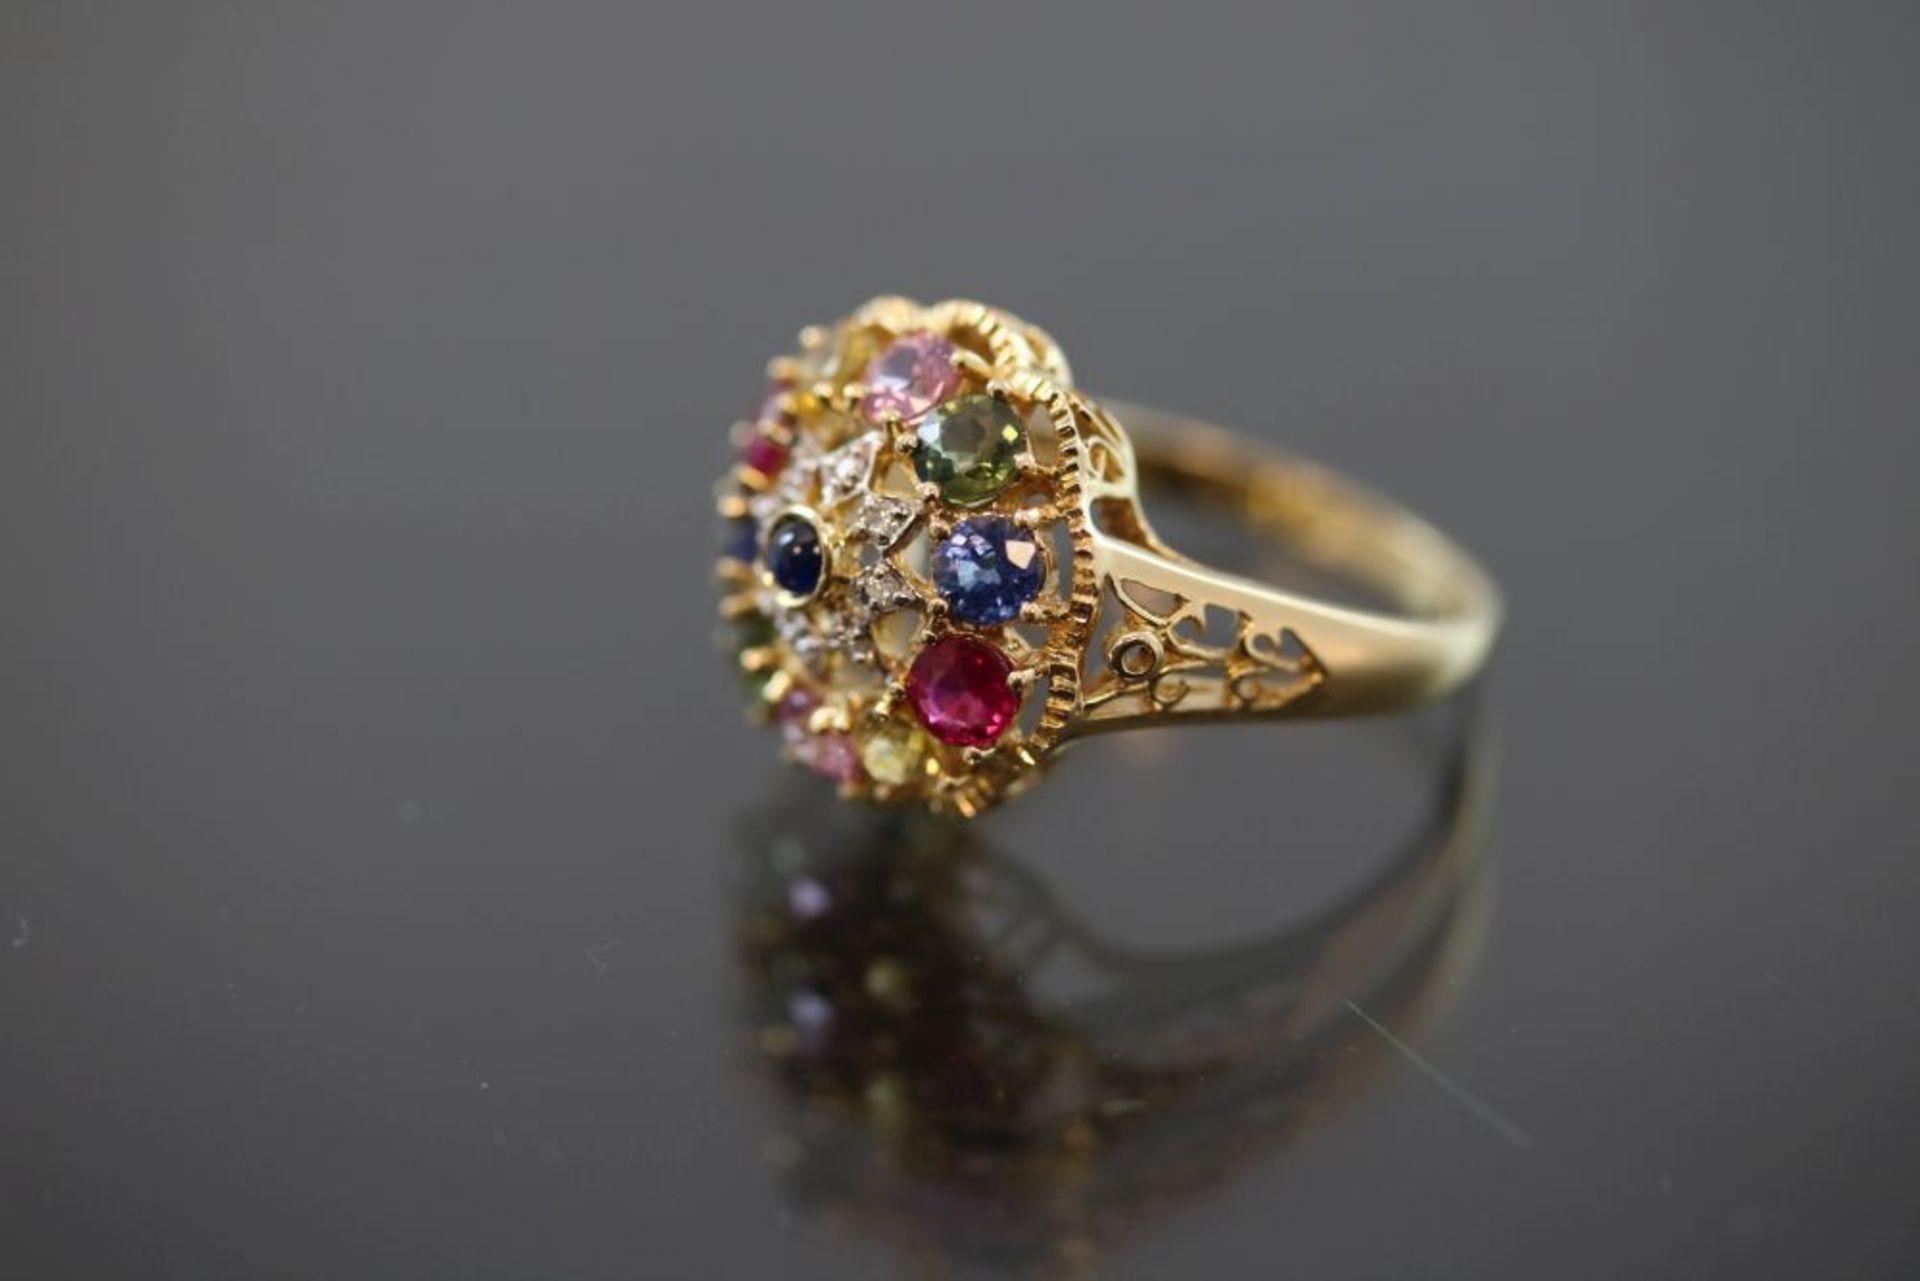 Edelstein-Ring, 750 Gold - Bild 2 aus 3